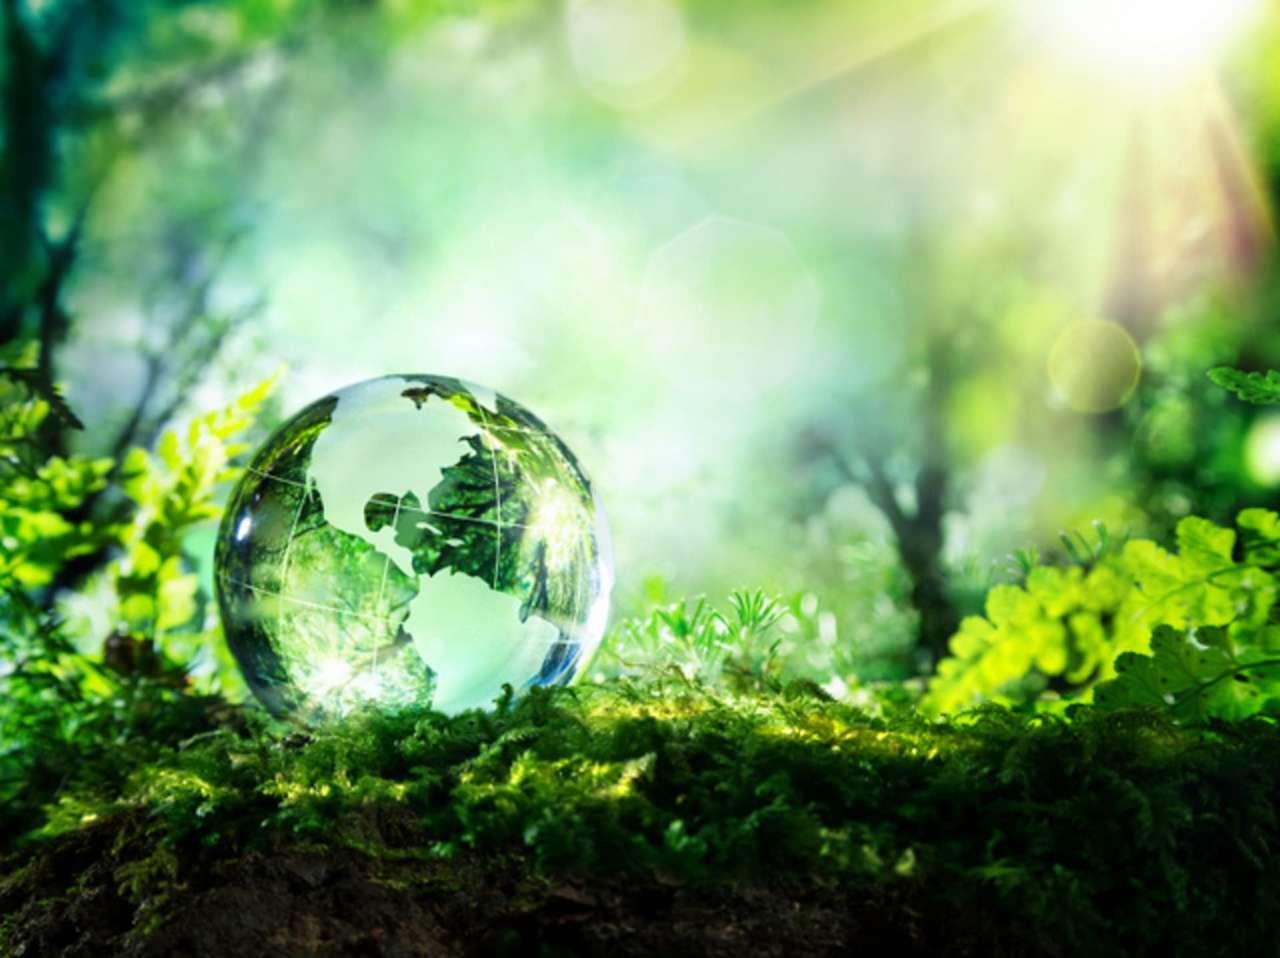 nauka o środowisku